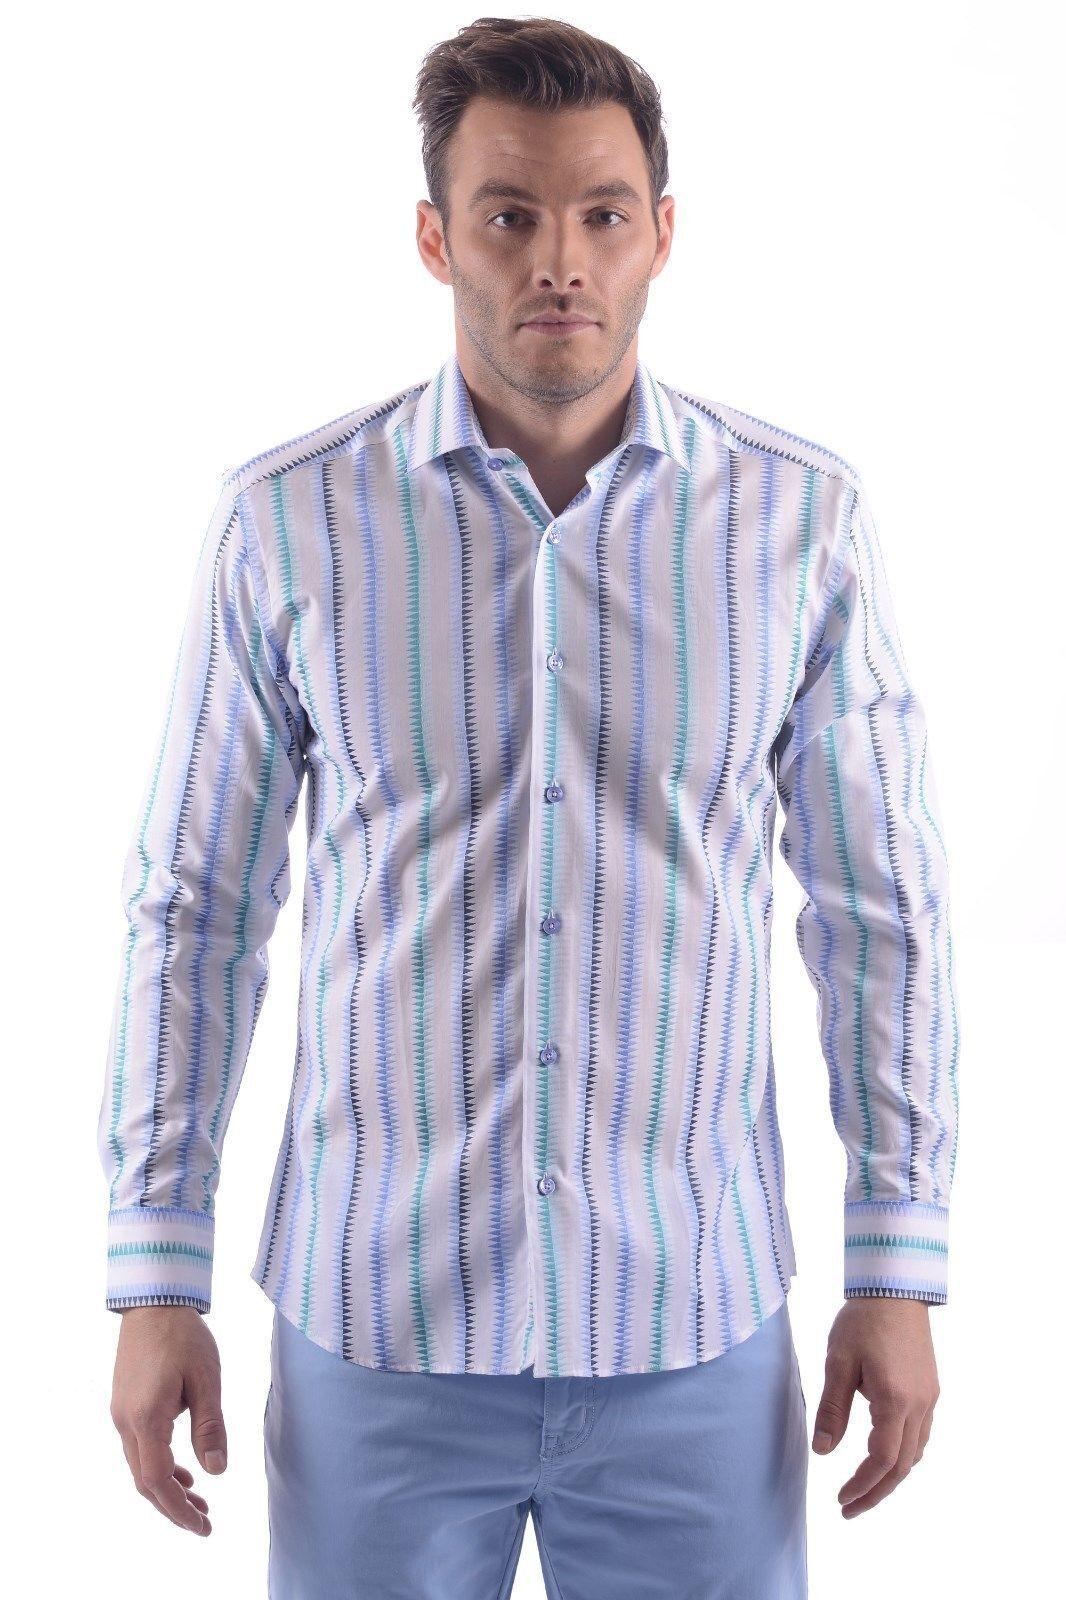 BERTIGO AJAX 55 Men Long Sleeve Dress Shirt SIZE LARGE